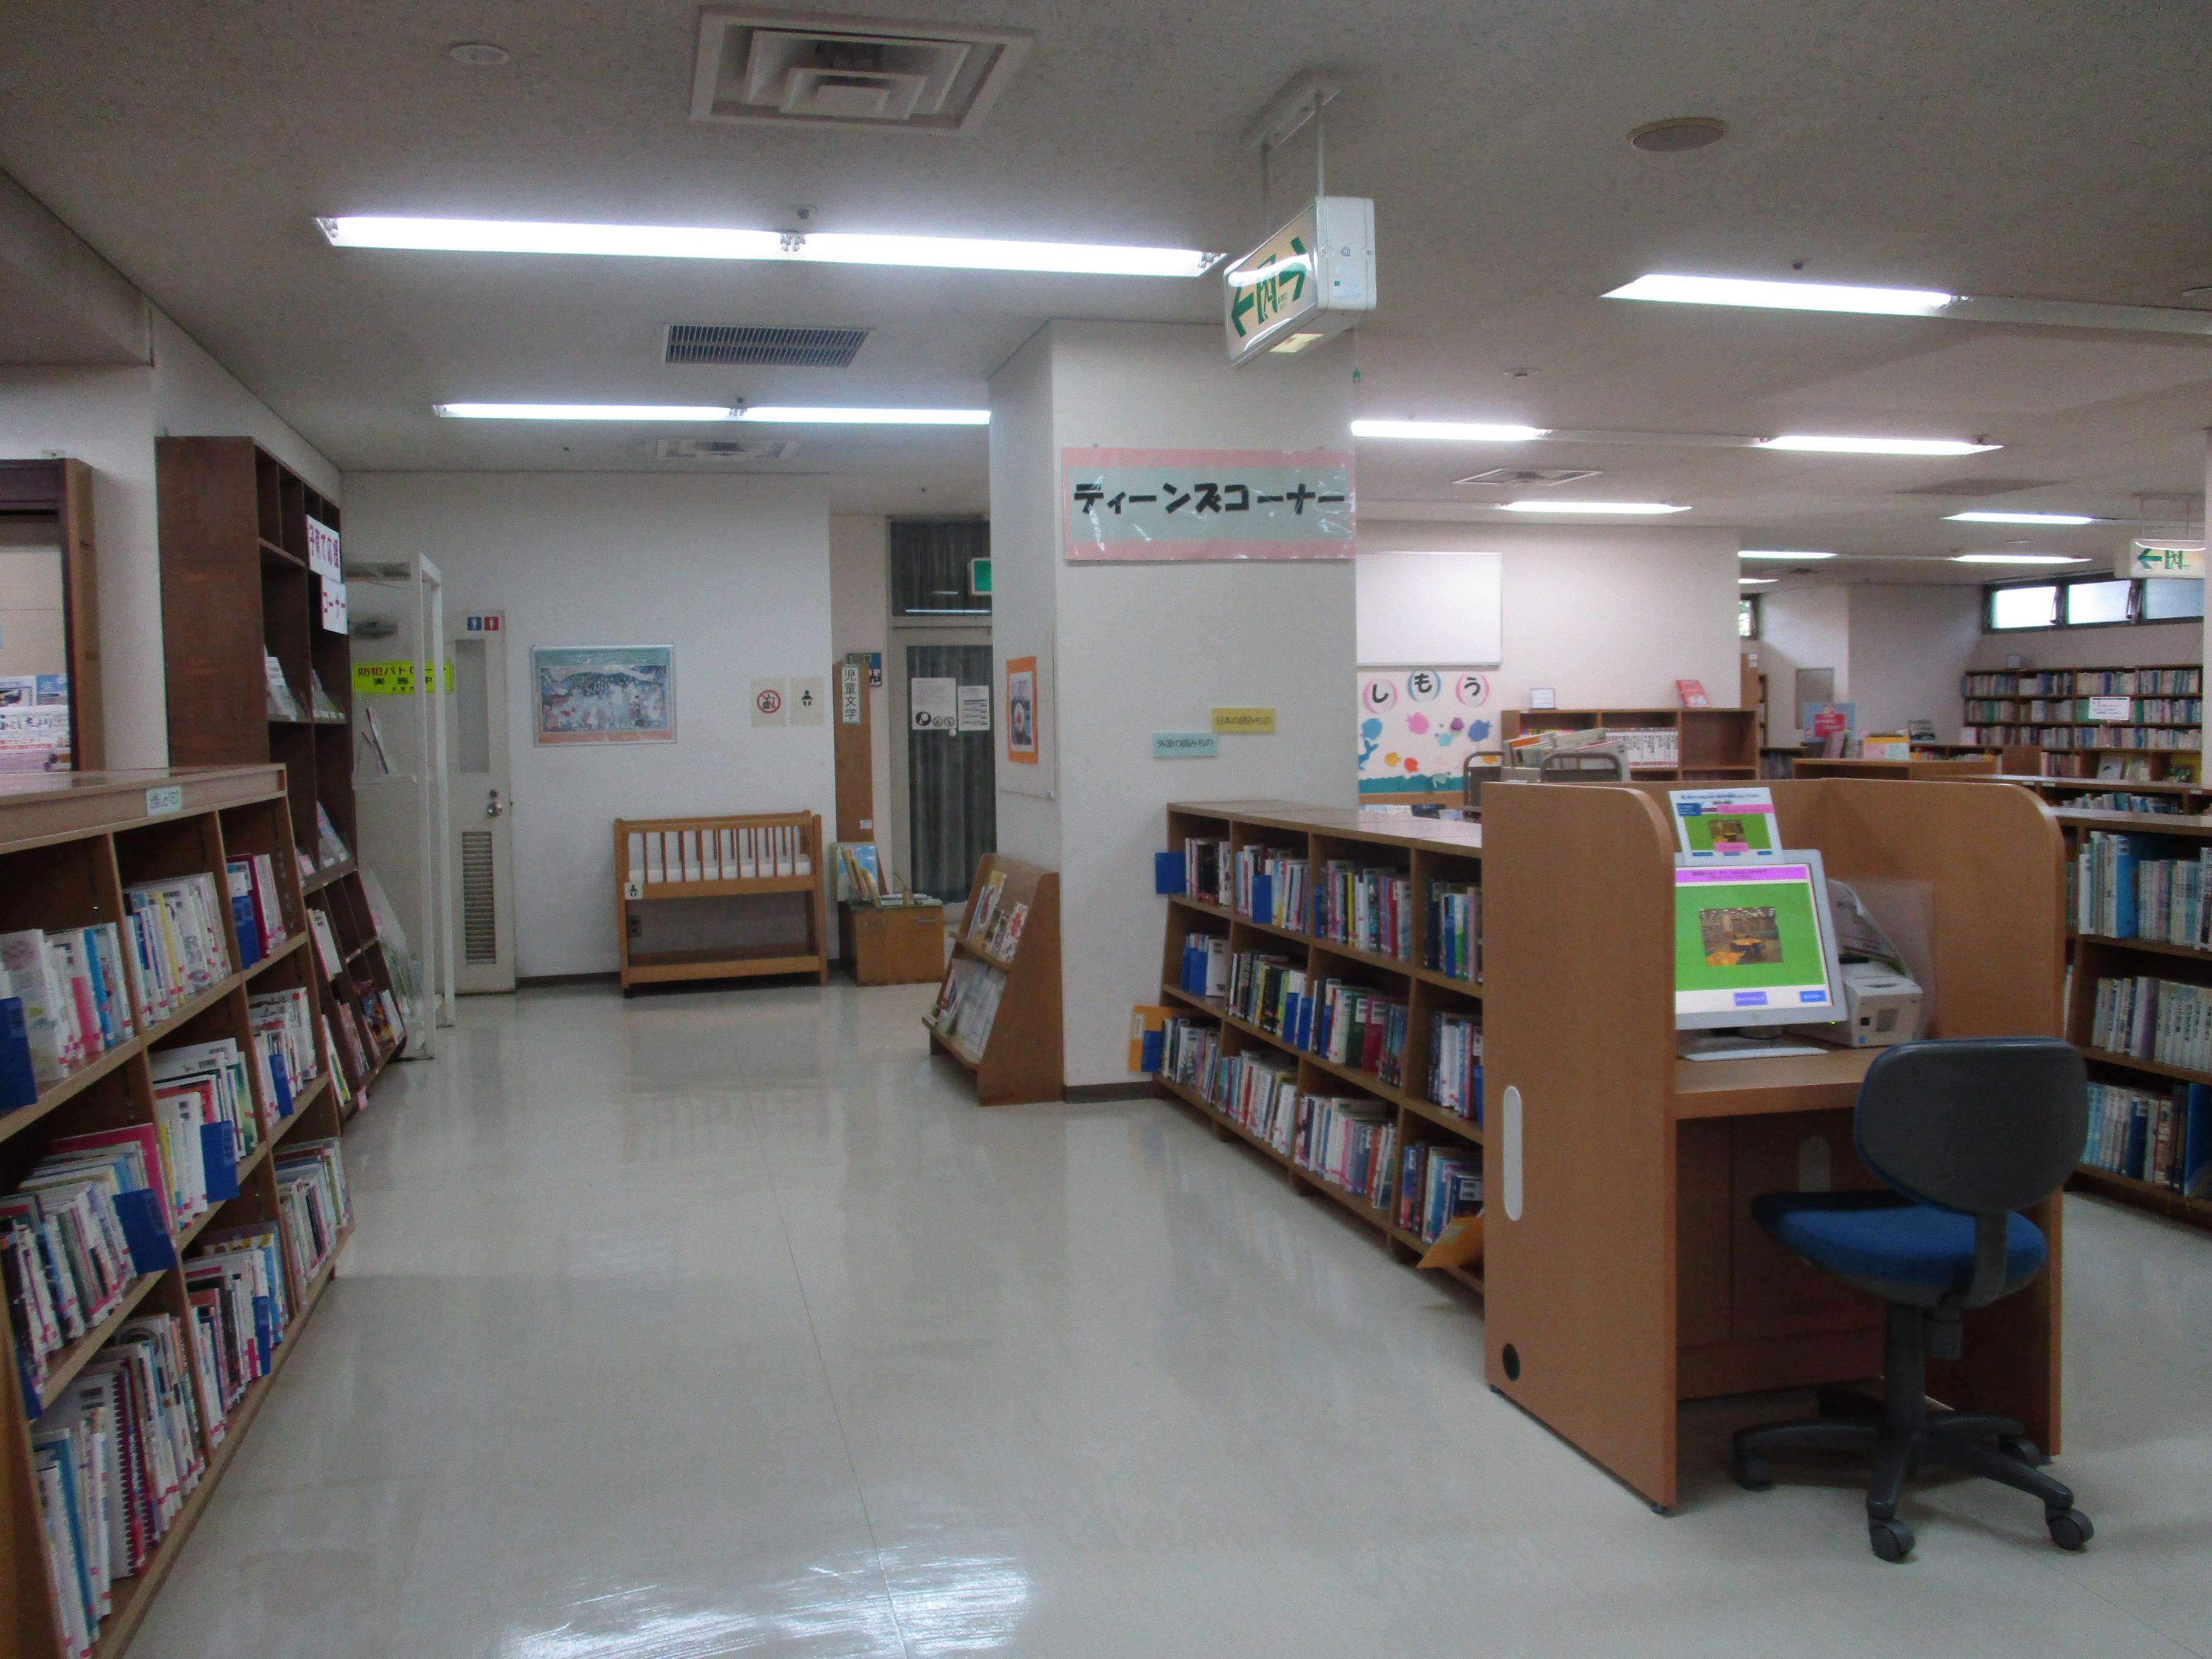 図書館 多摩 市立